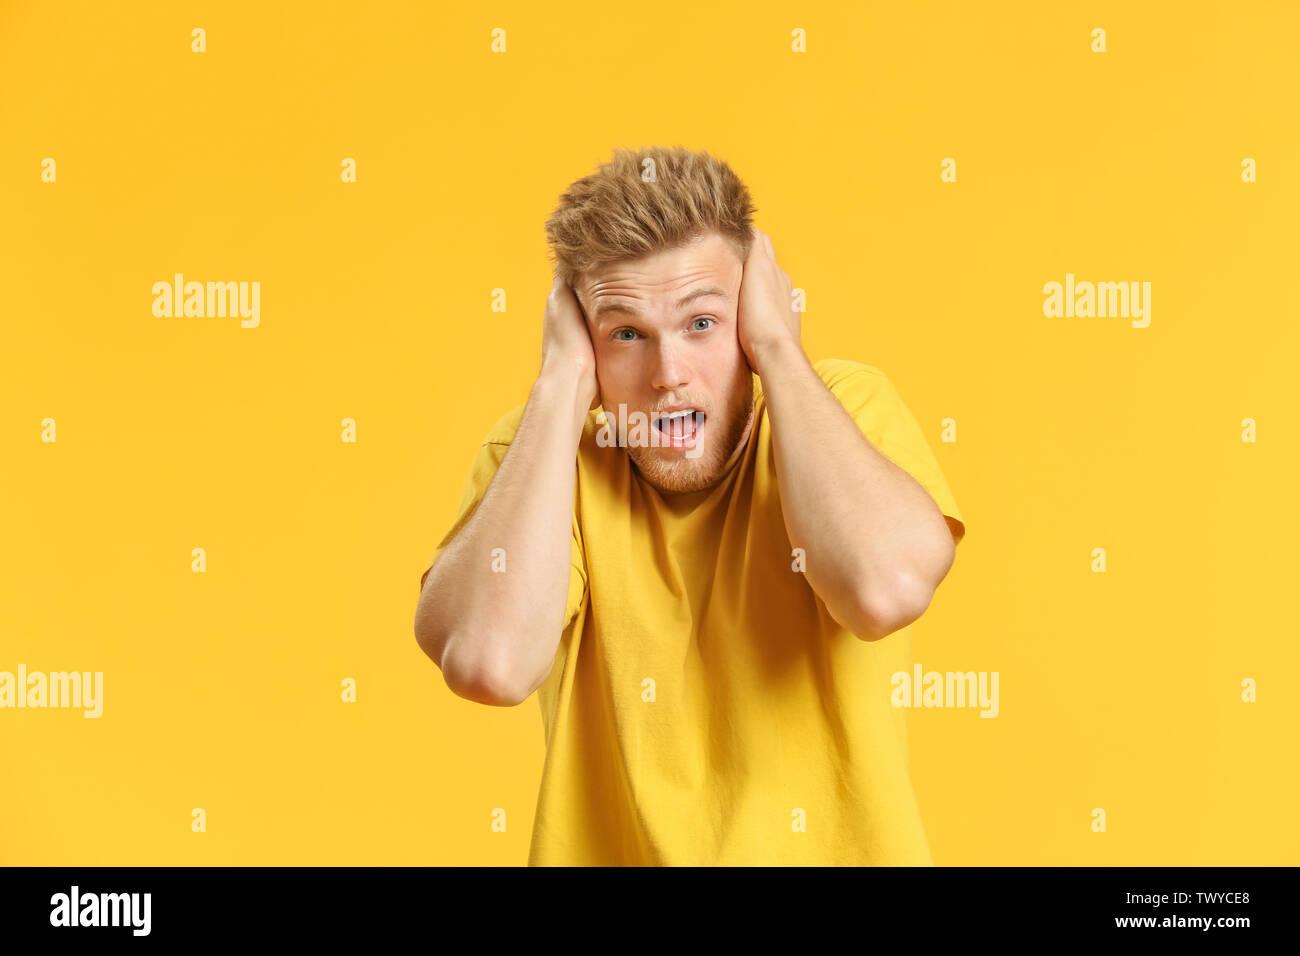 Portrait von Angst junger Mann auf farbigen Hintergrund Stockbild